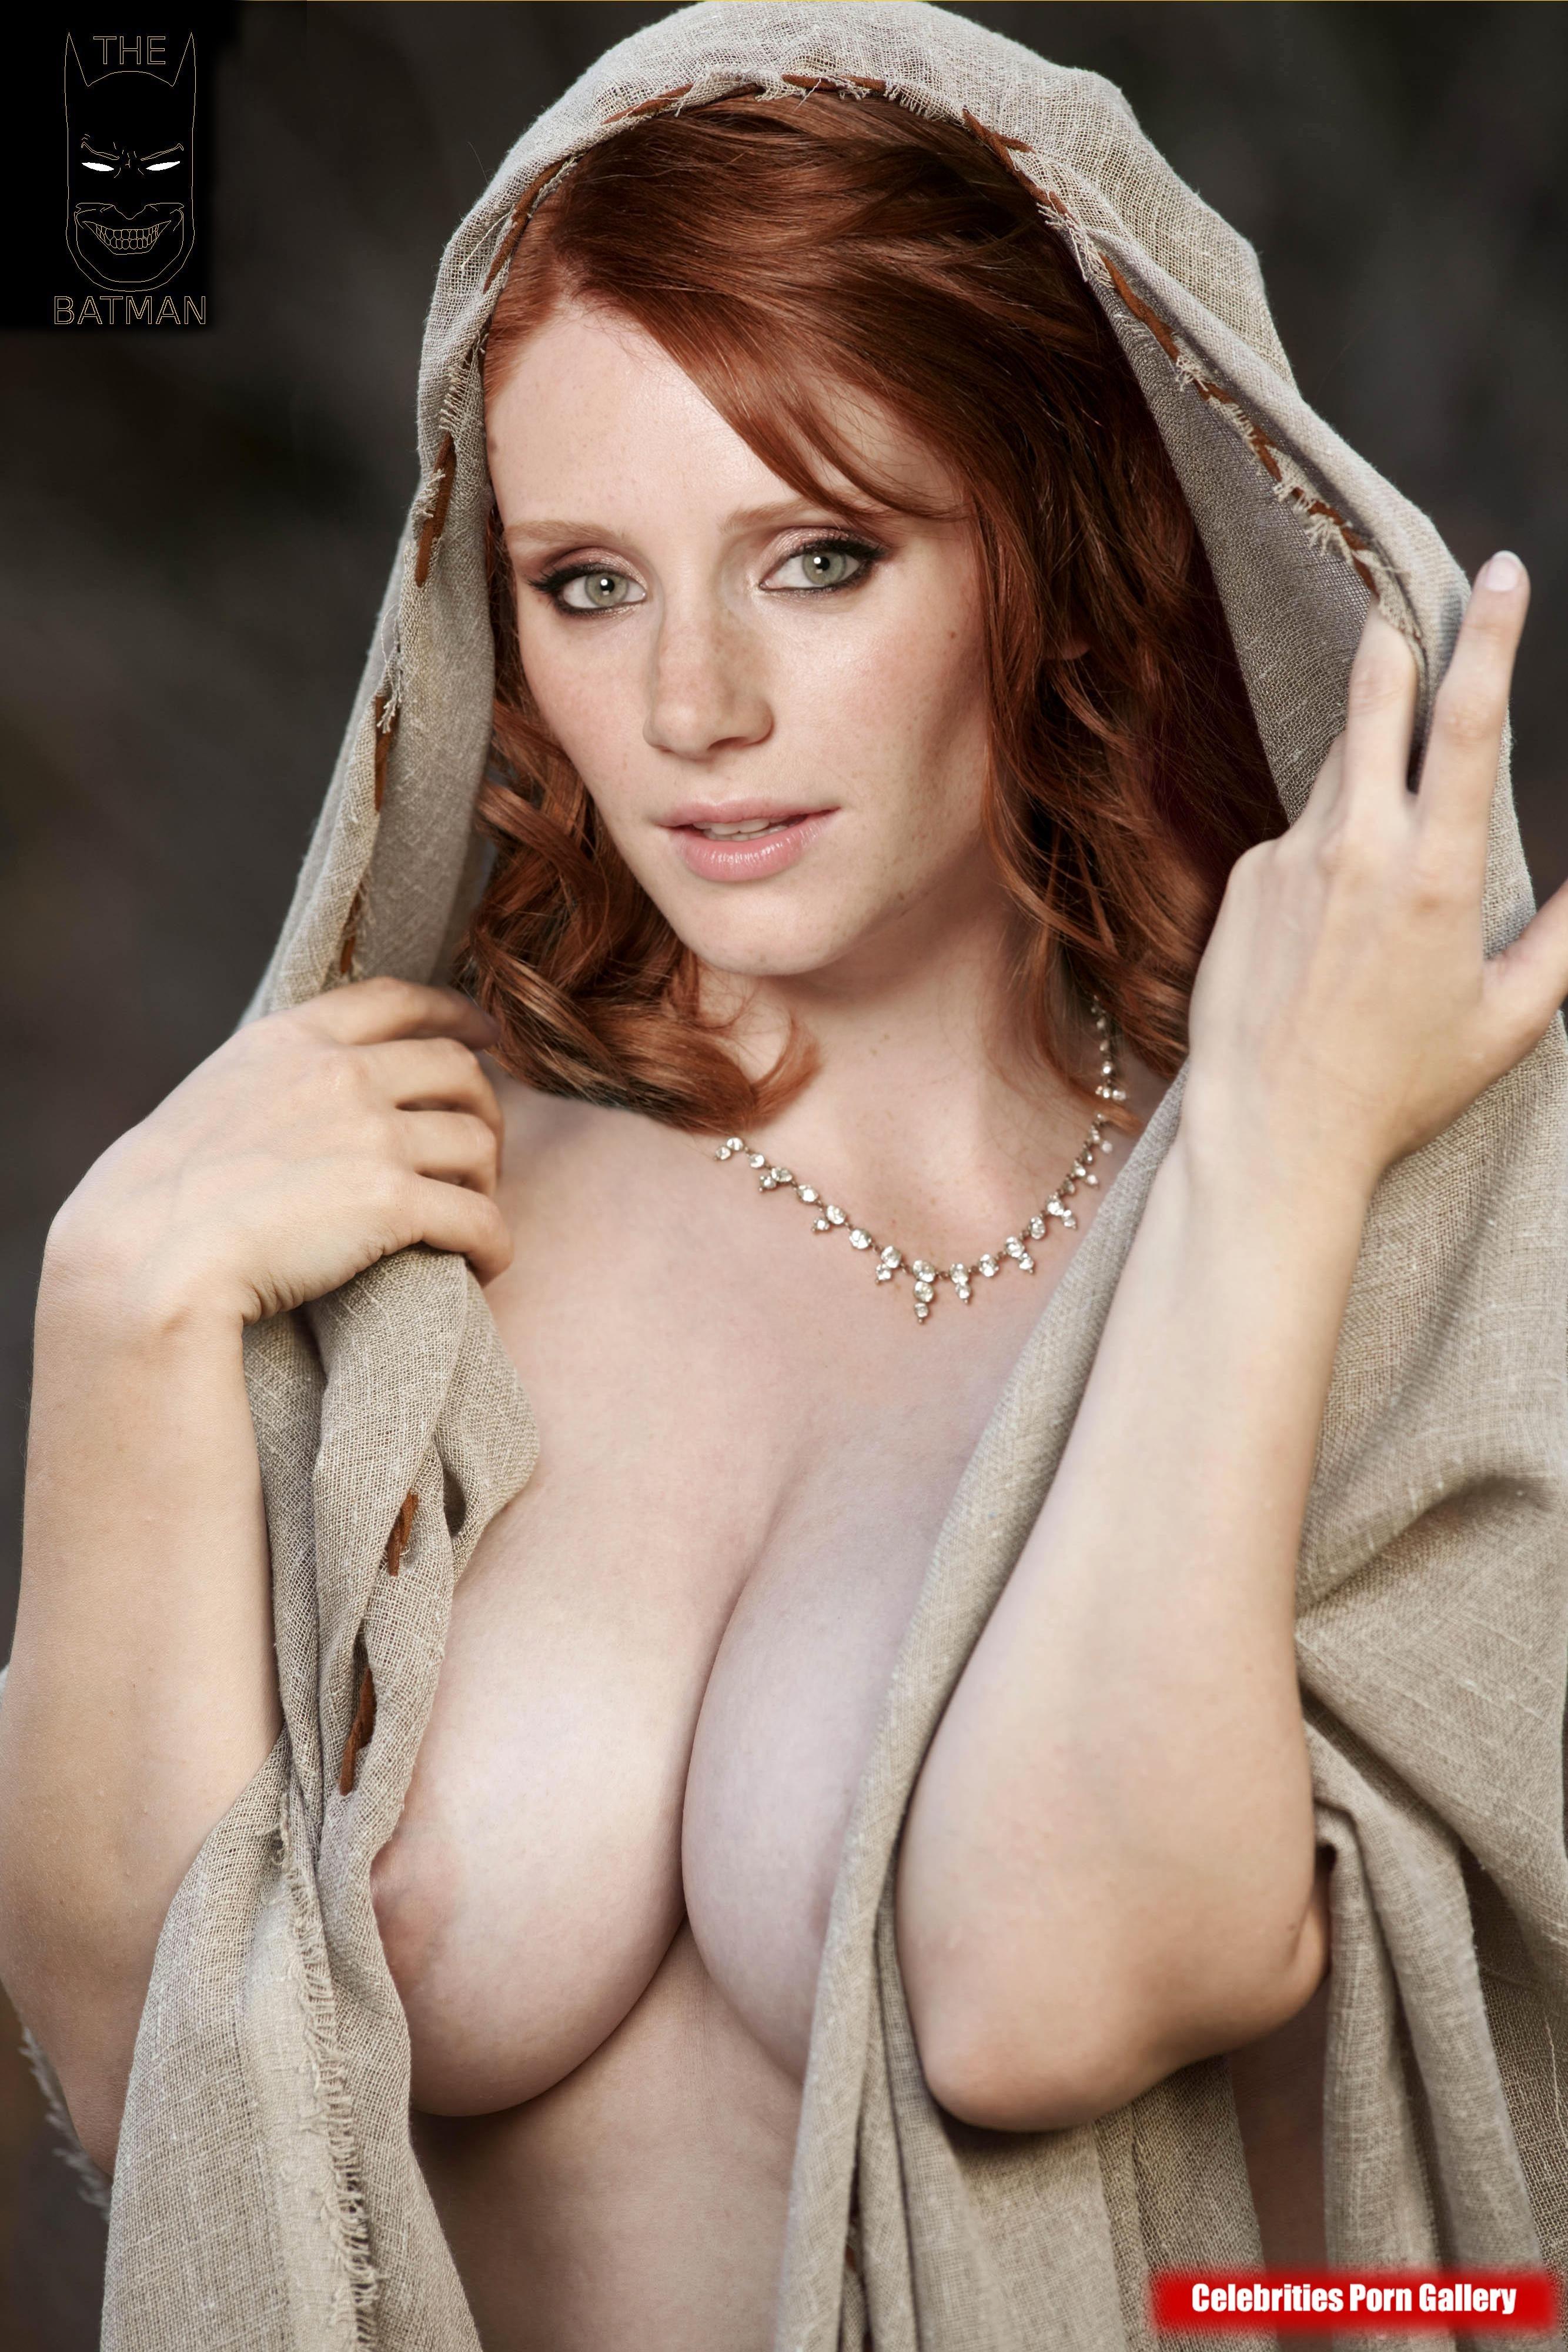 Bryce dallas howard sexy nude